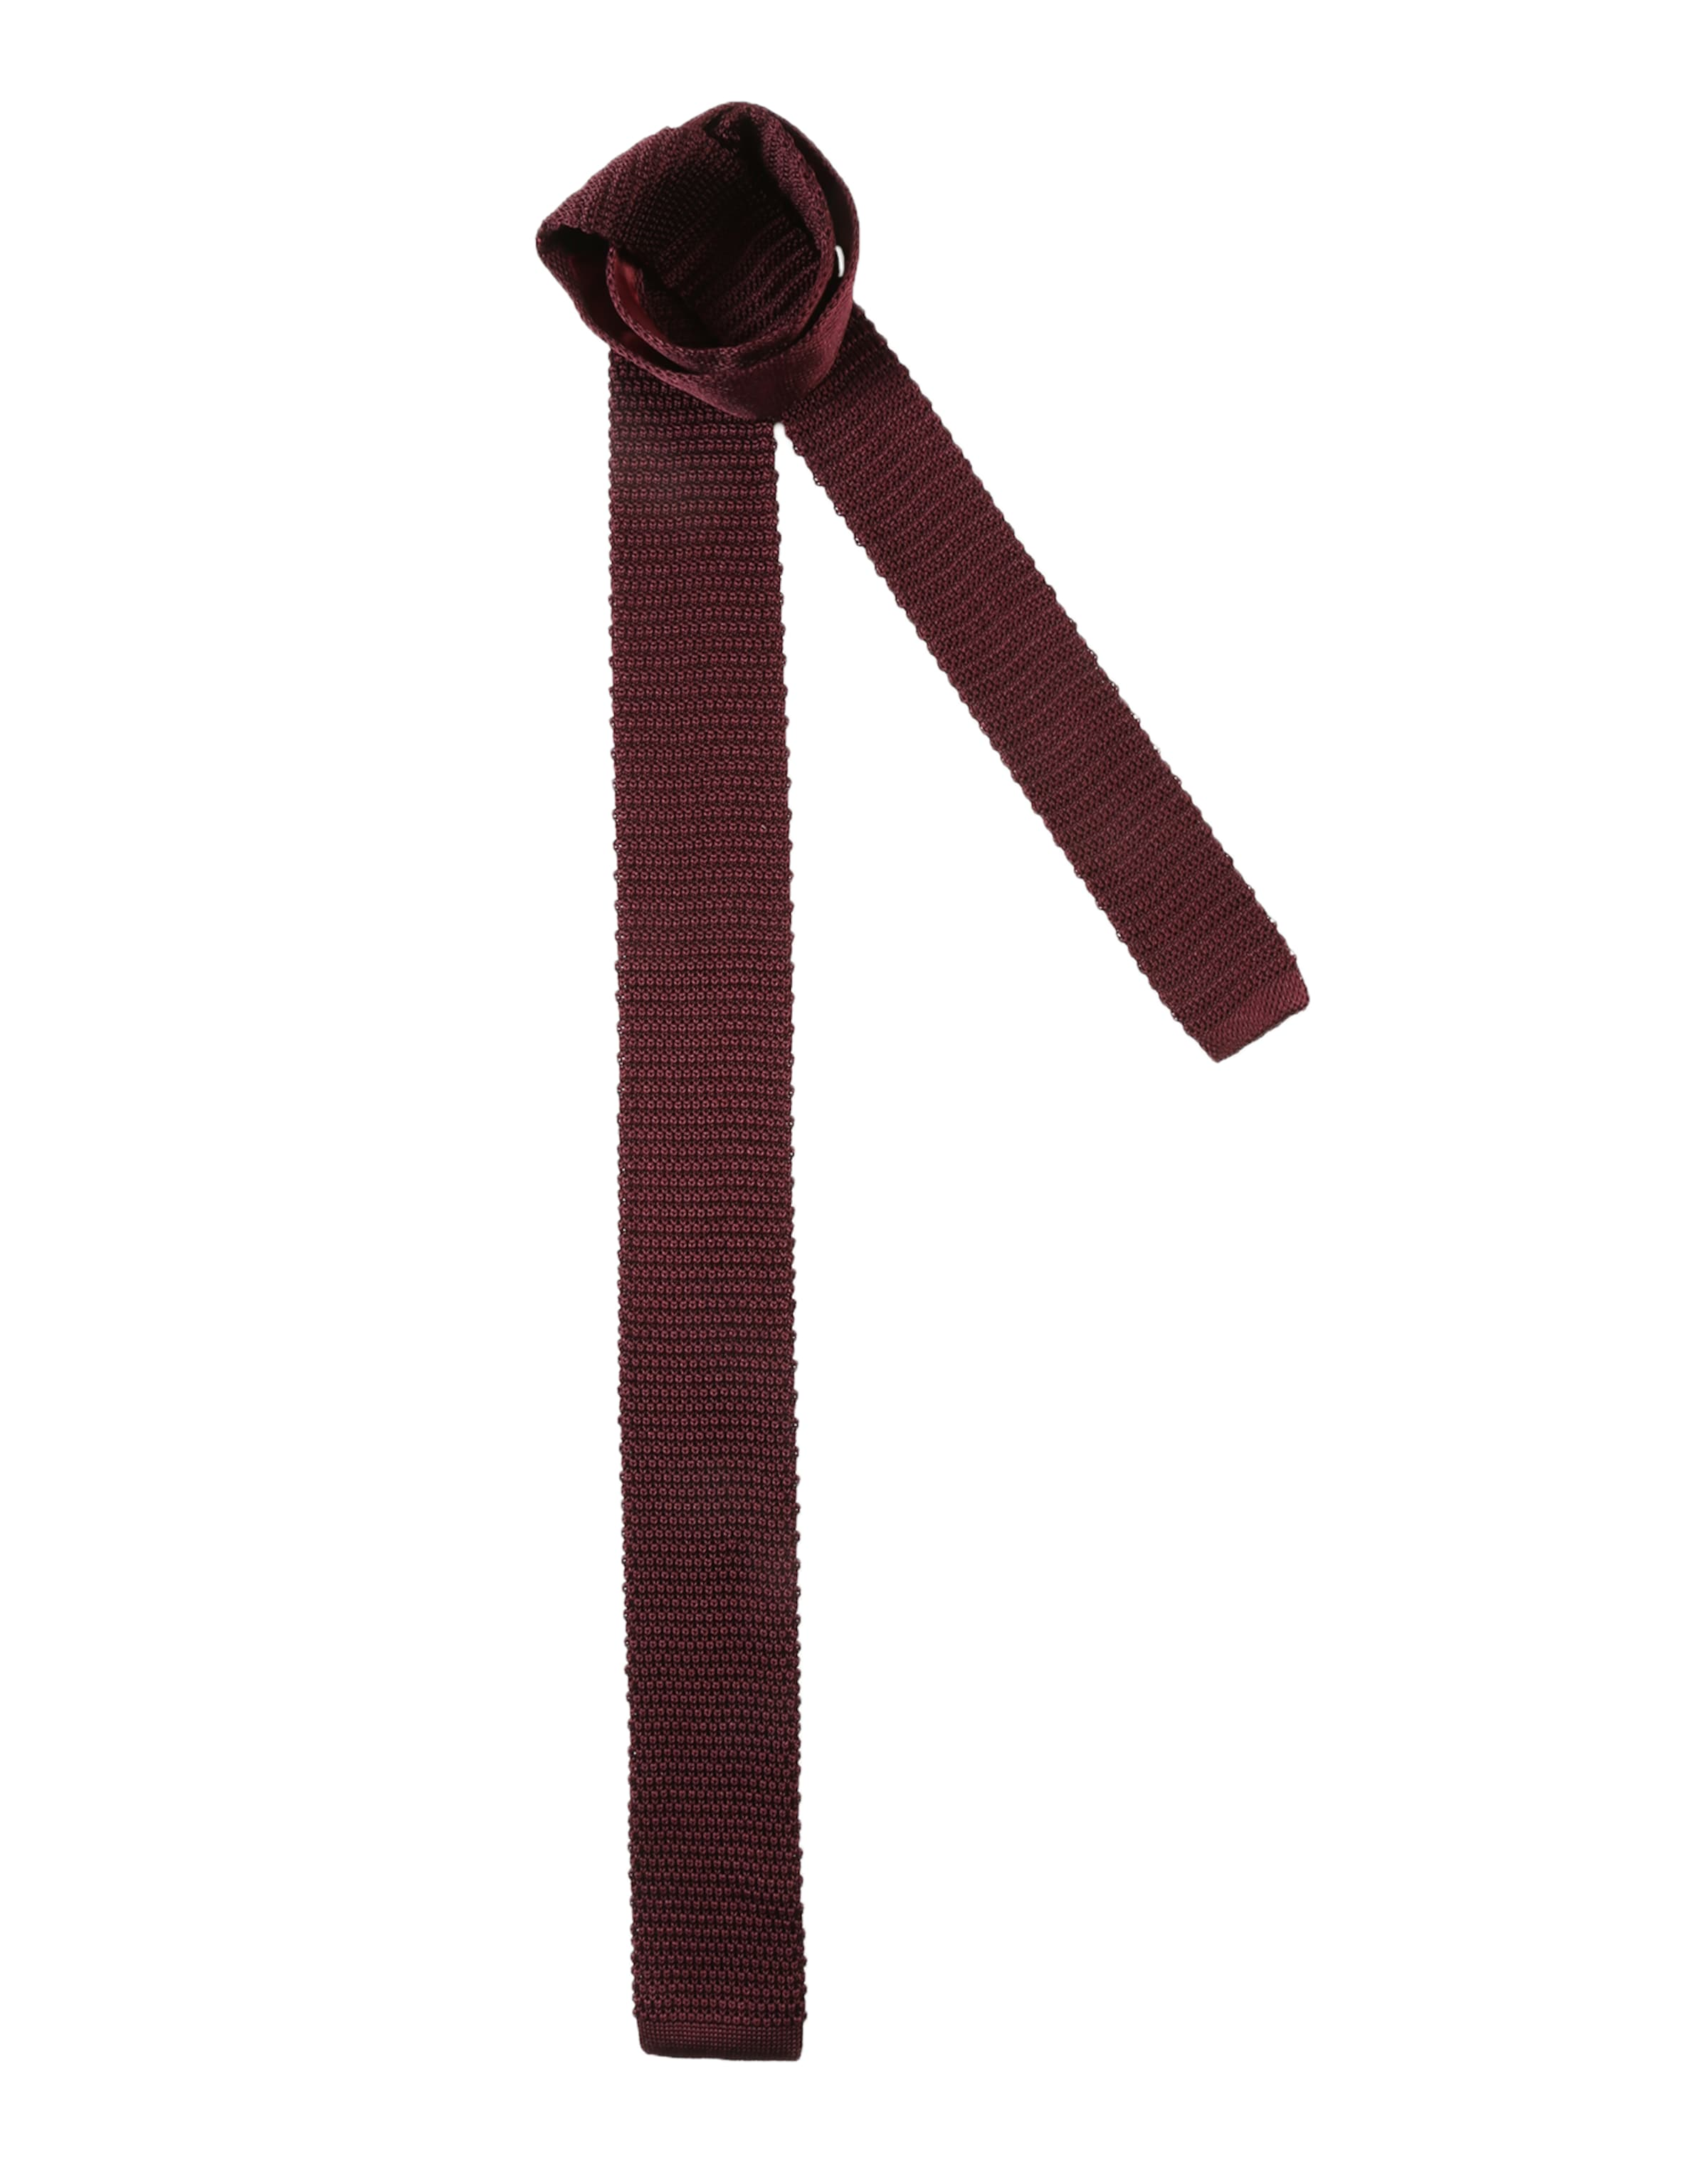 Günstig Kaufen Besuch Neu DRYKORN Krawatte 'BENHAM' Günstig Kaufen Modisch Billig Mit Paypal Nicekicks Perfekte Online-Verkauf ZcbgBxls